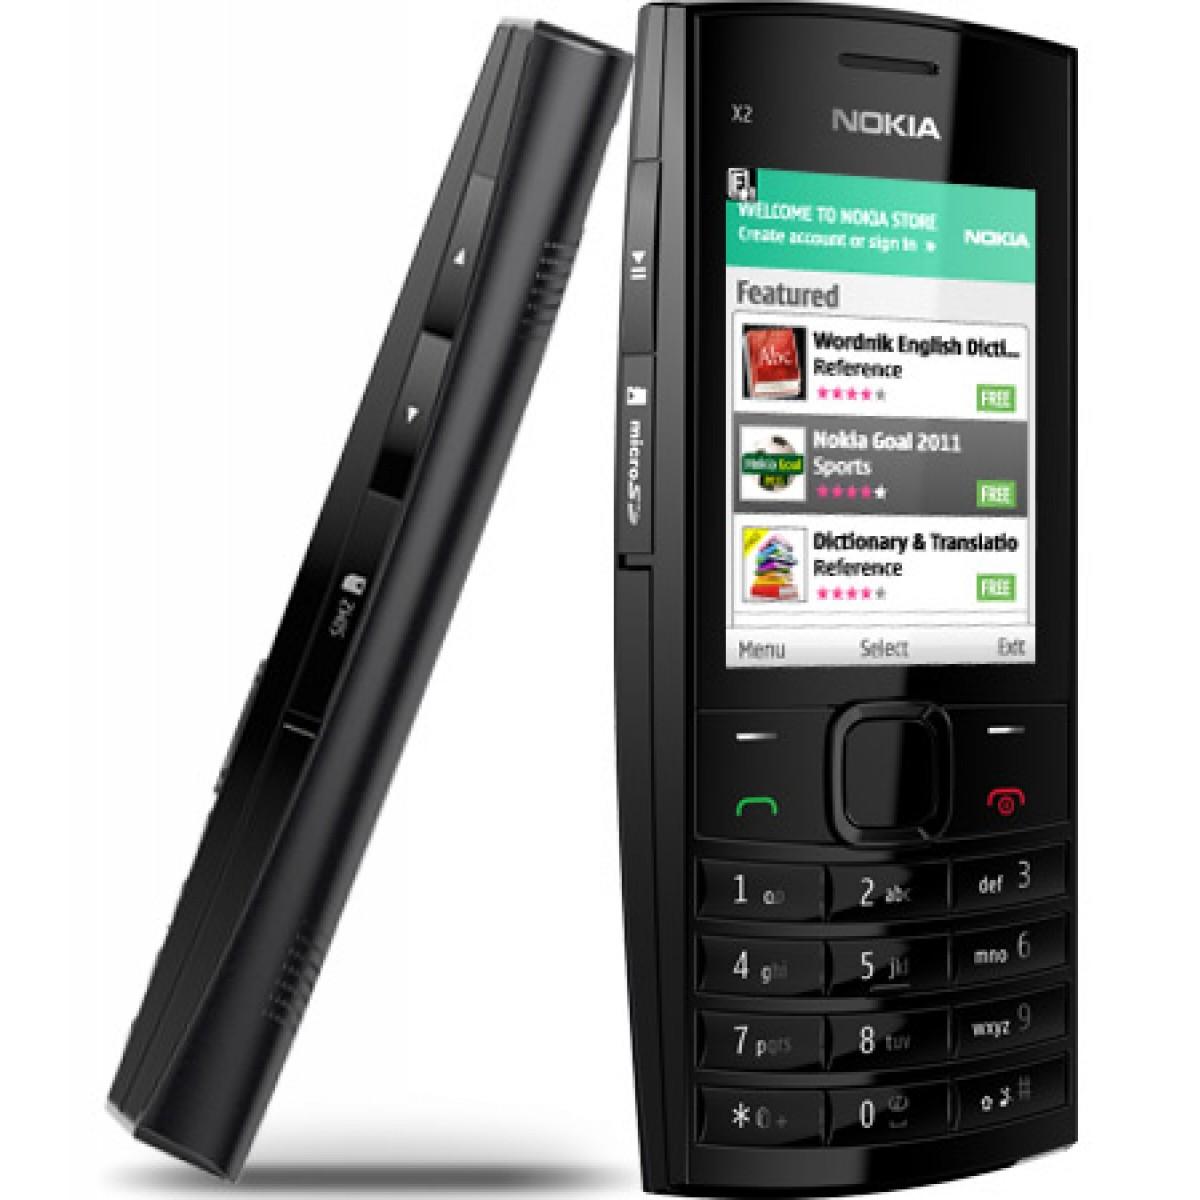 Nokia X2 (2014) - Wikipedia